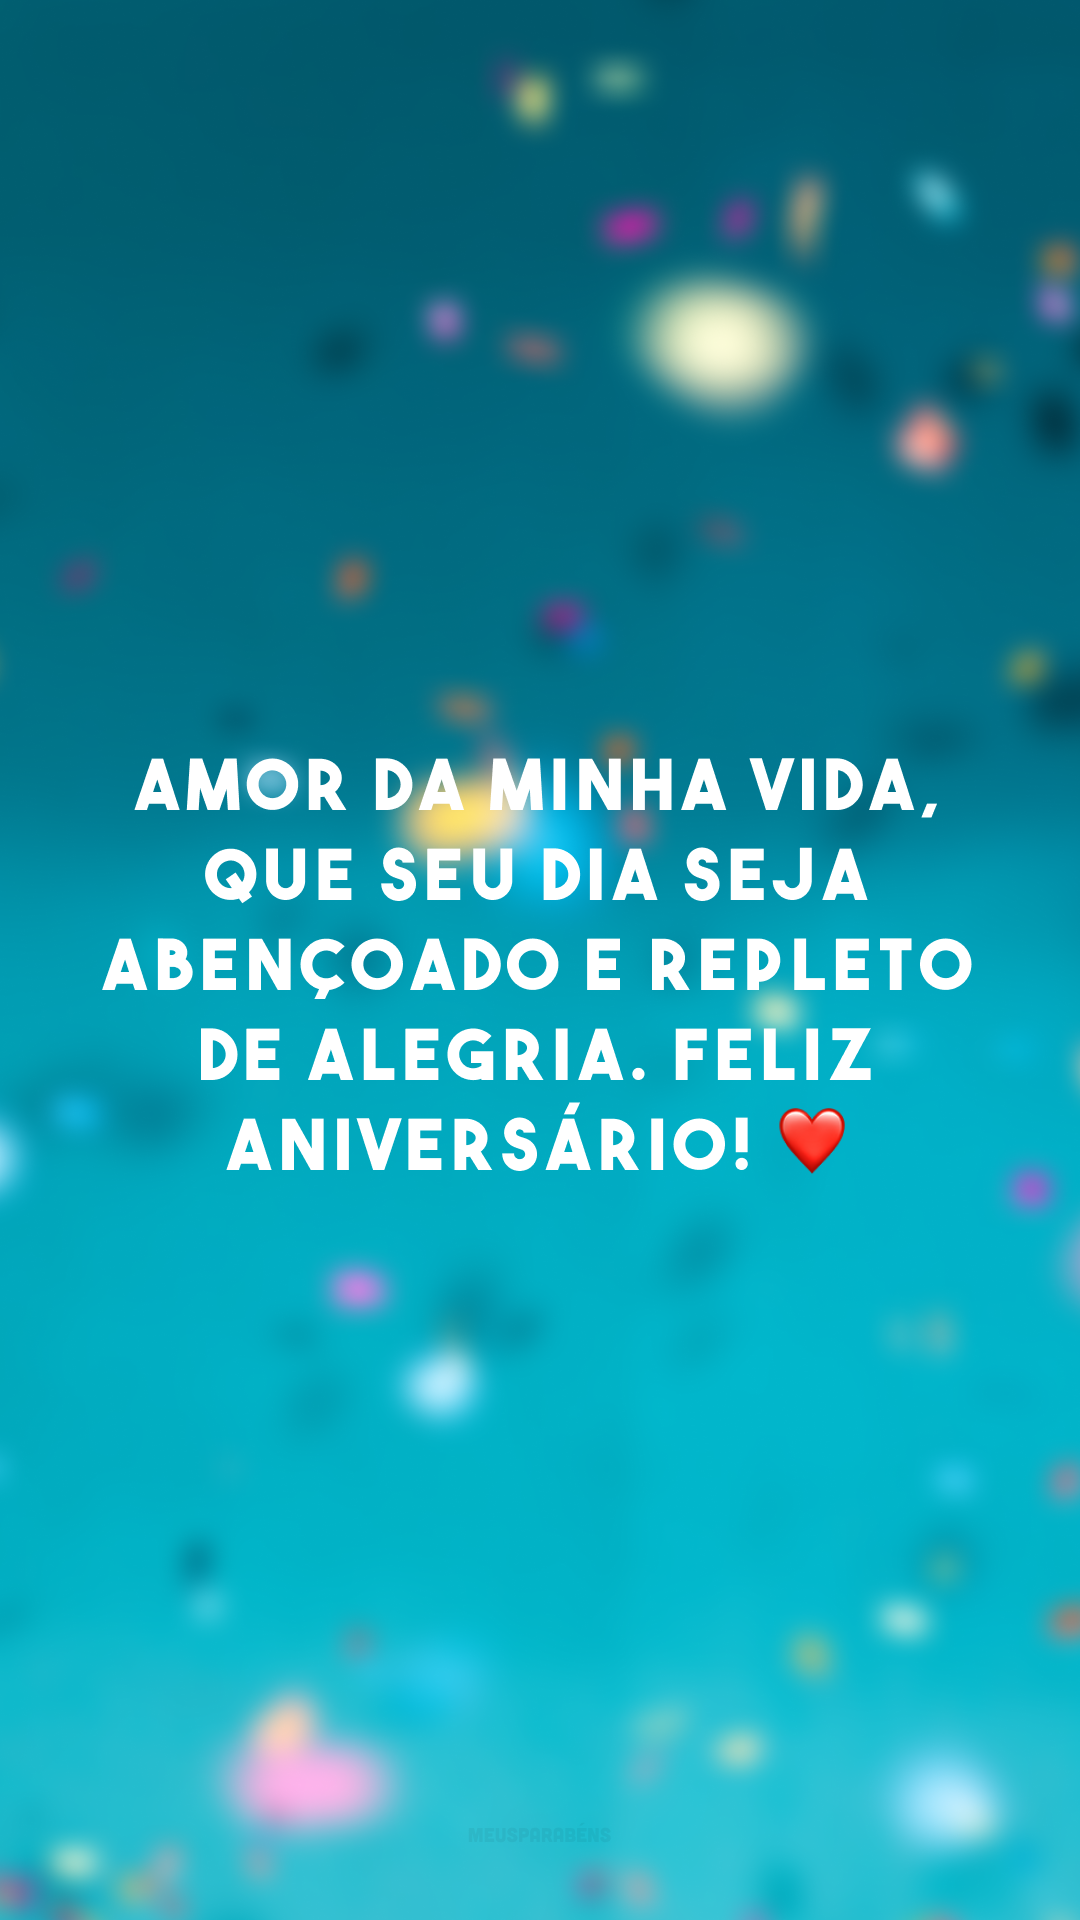 Amor da minha vida, que seu dia seja abençoado e repleto de alegria. Feliz aniversário! ❤️